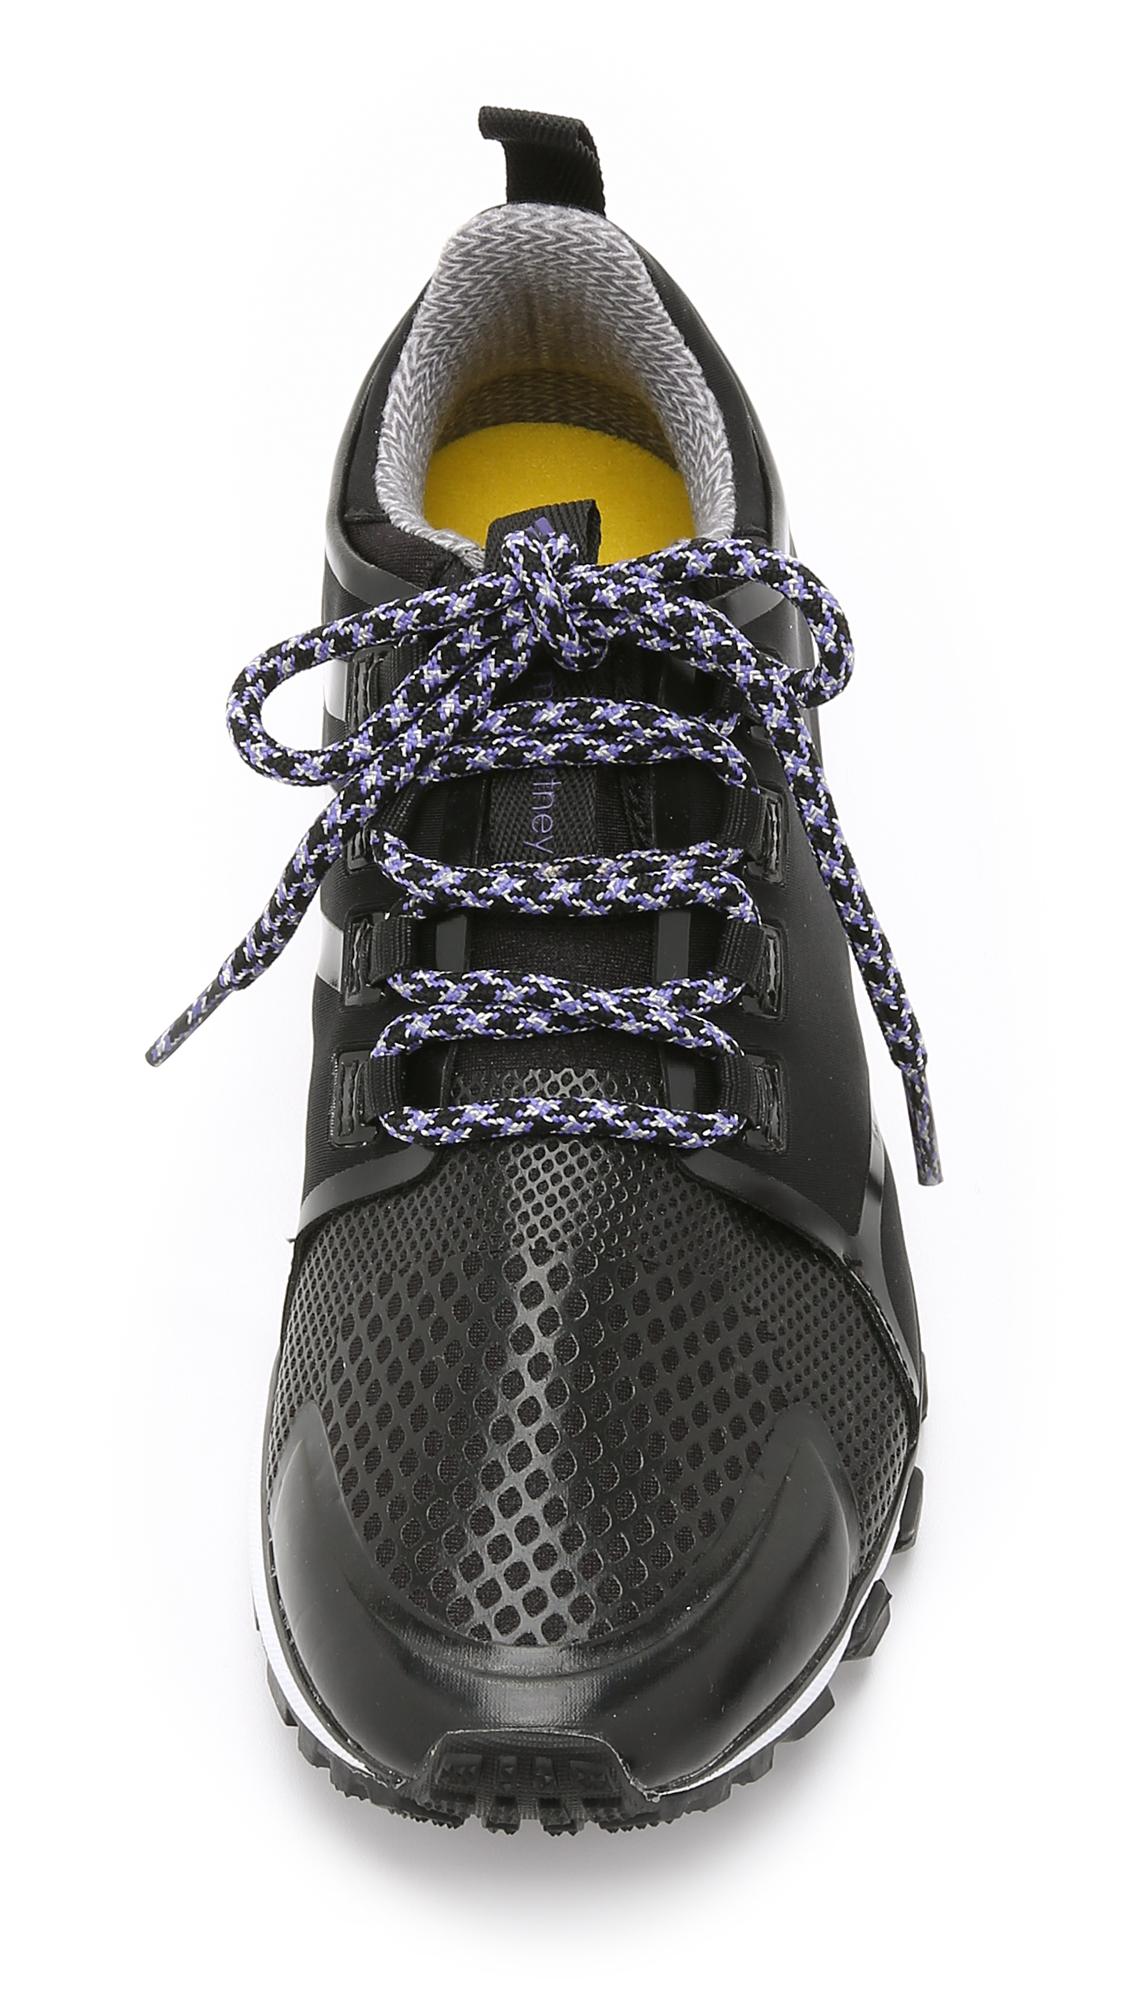 Adidas Da Stella Mccartney Adizero Xt Scarpe Shopbop